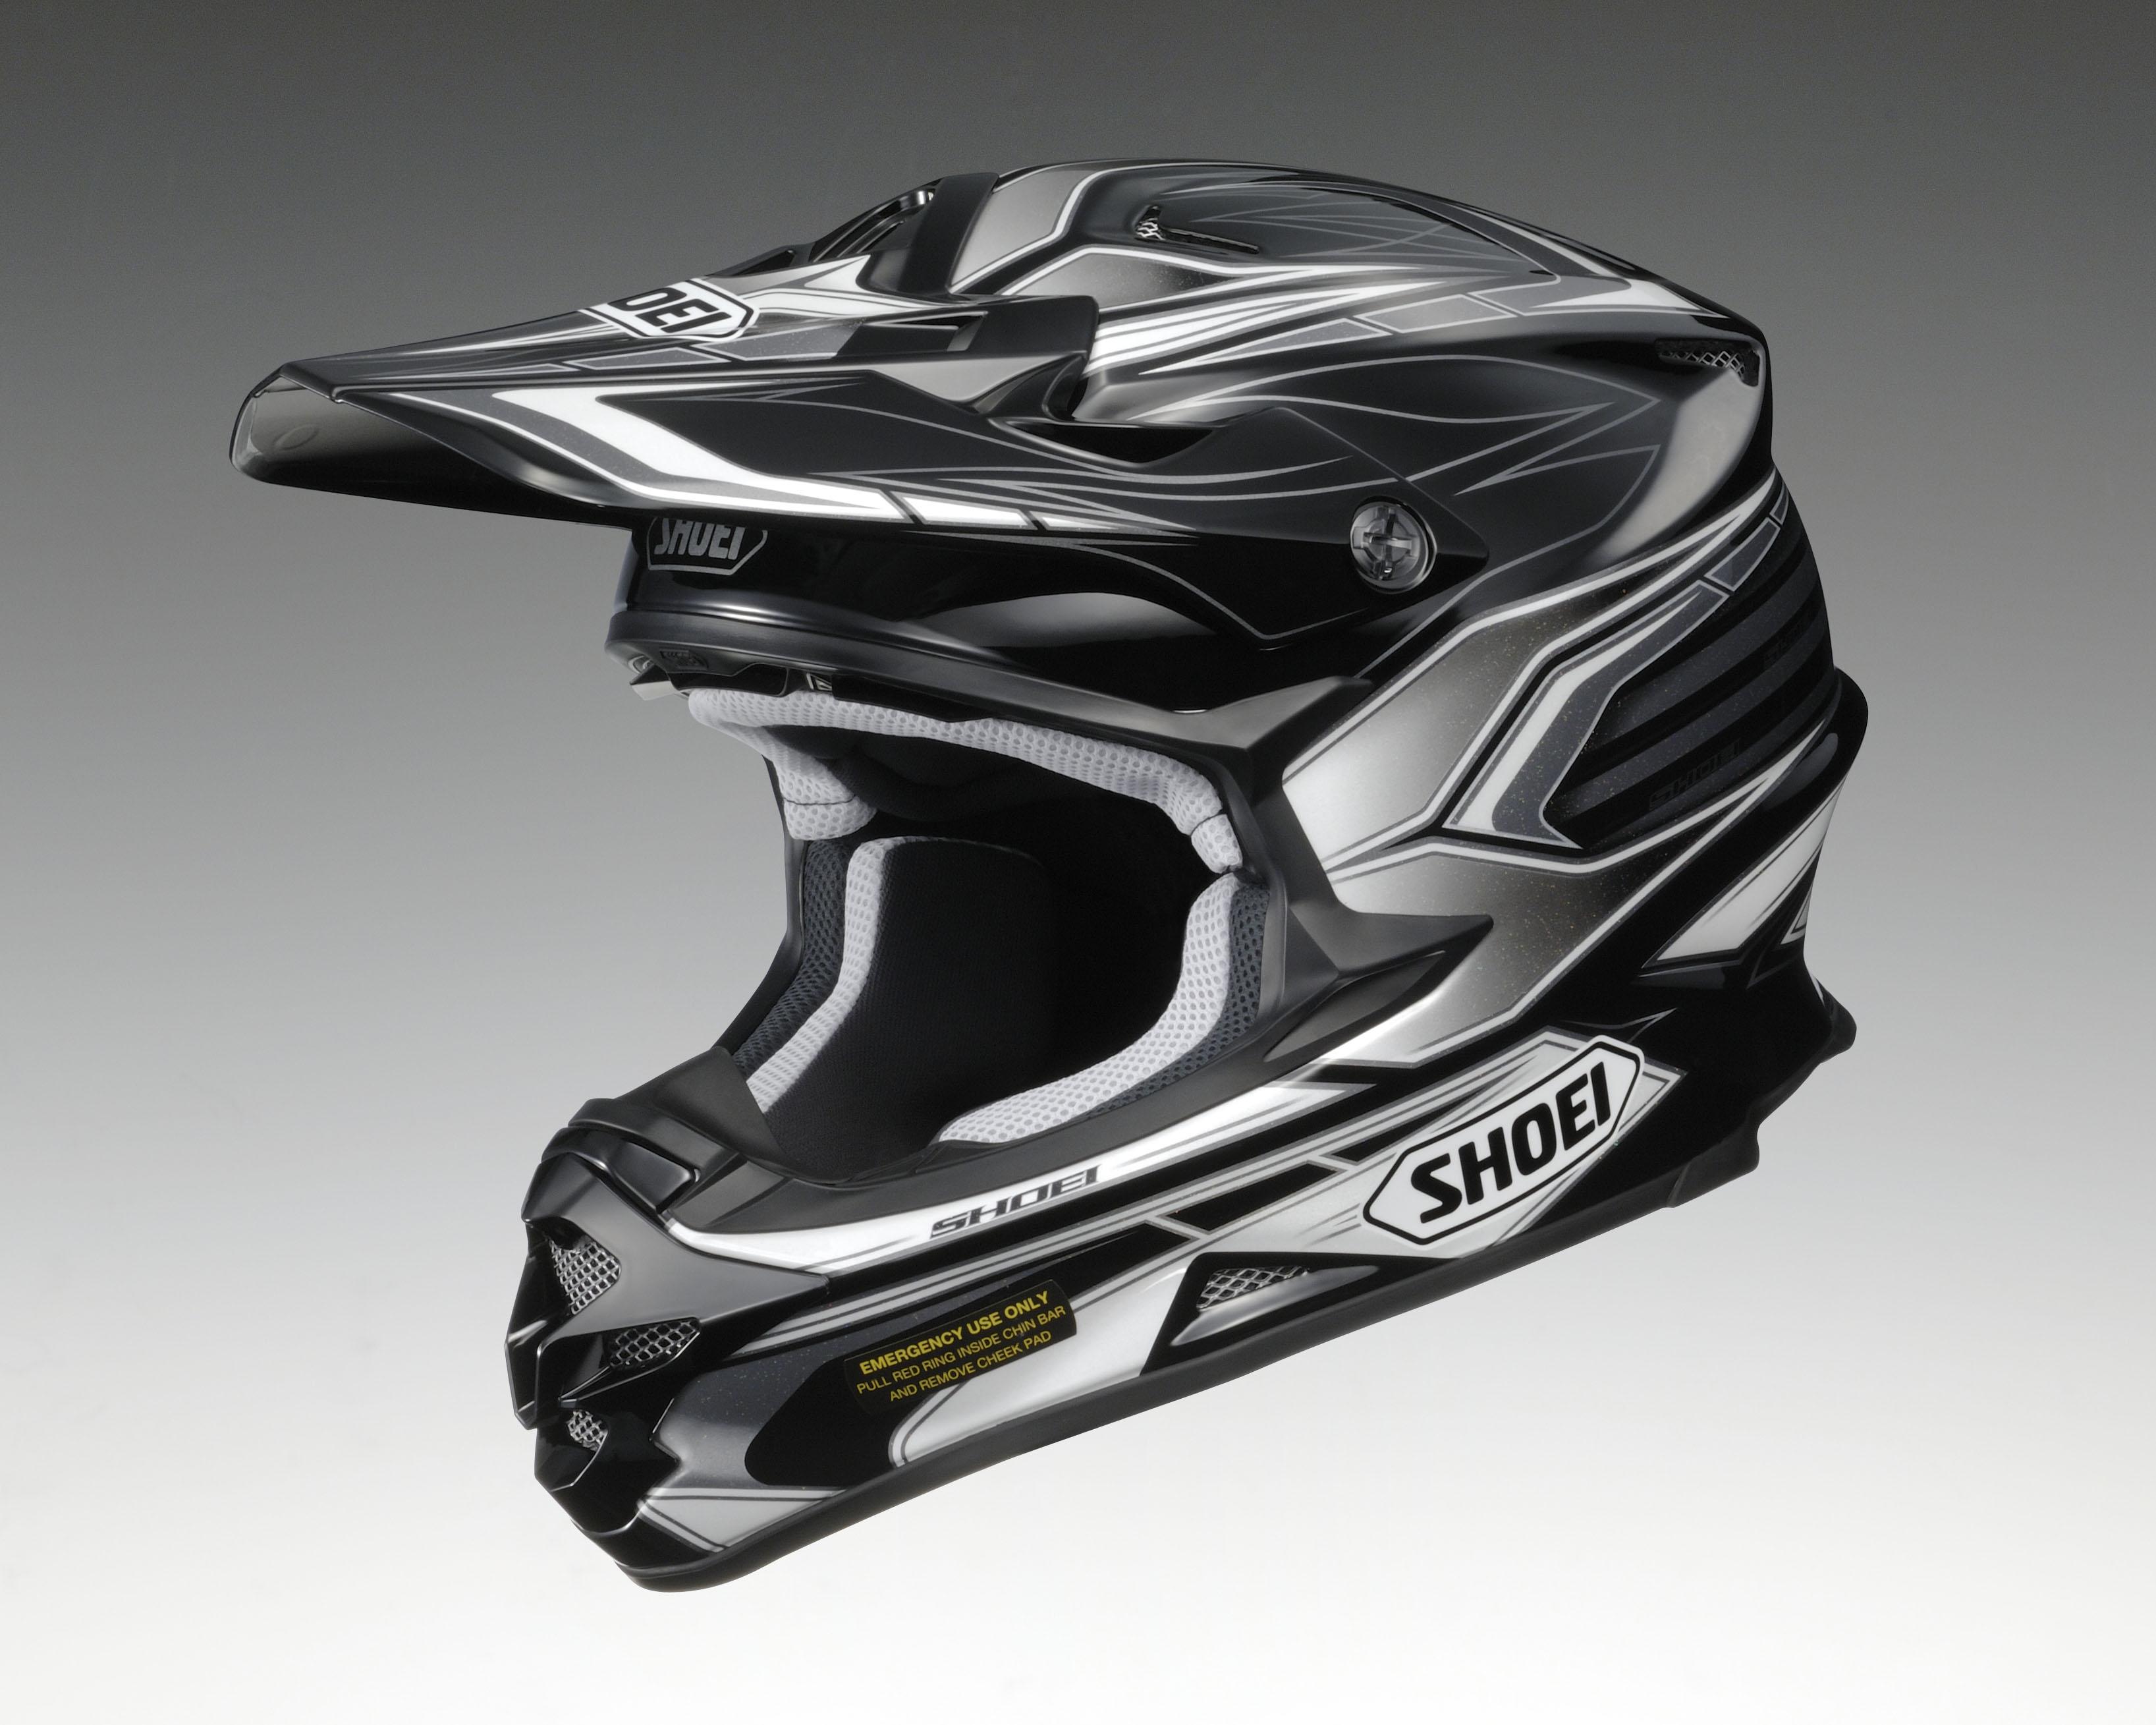 arai helmets-vfx-w_malice_tc-5.jpg